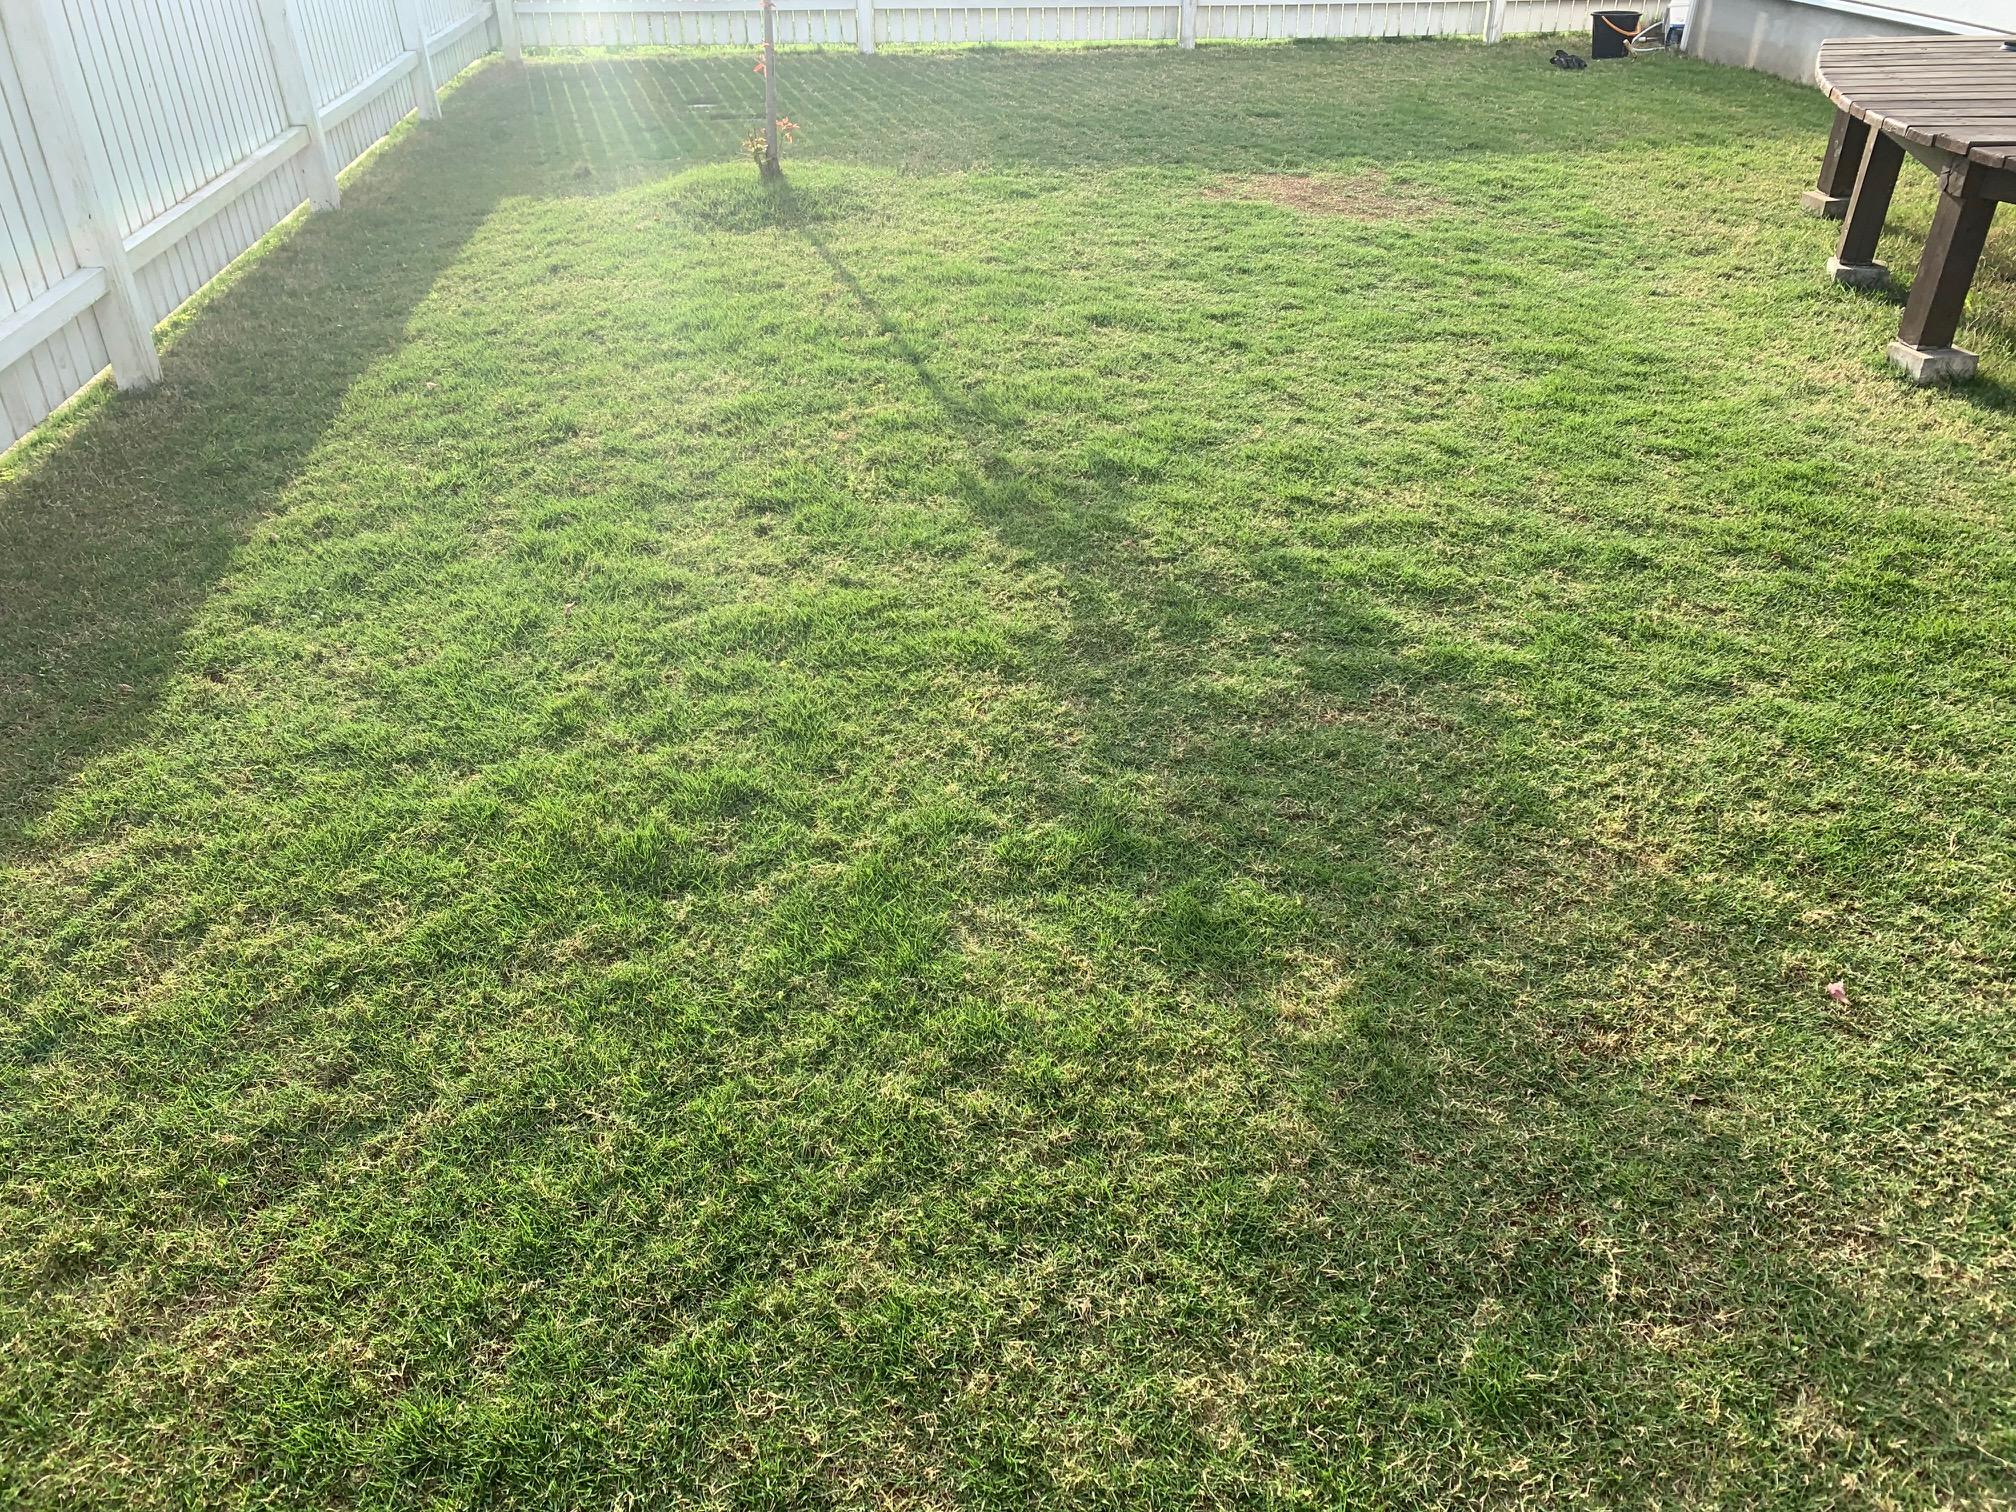 2021.05.09 芝生の状況(雑草除去)